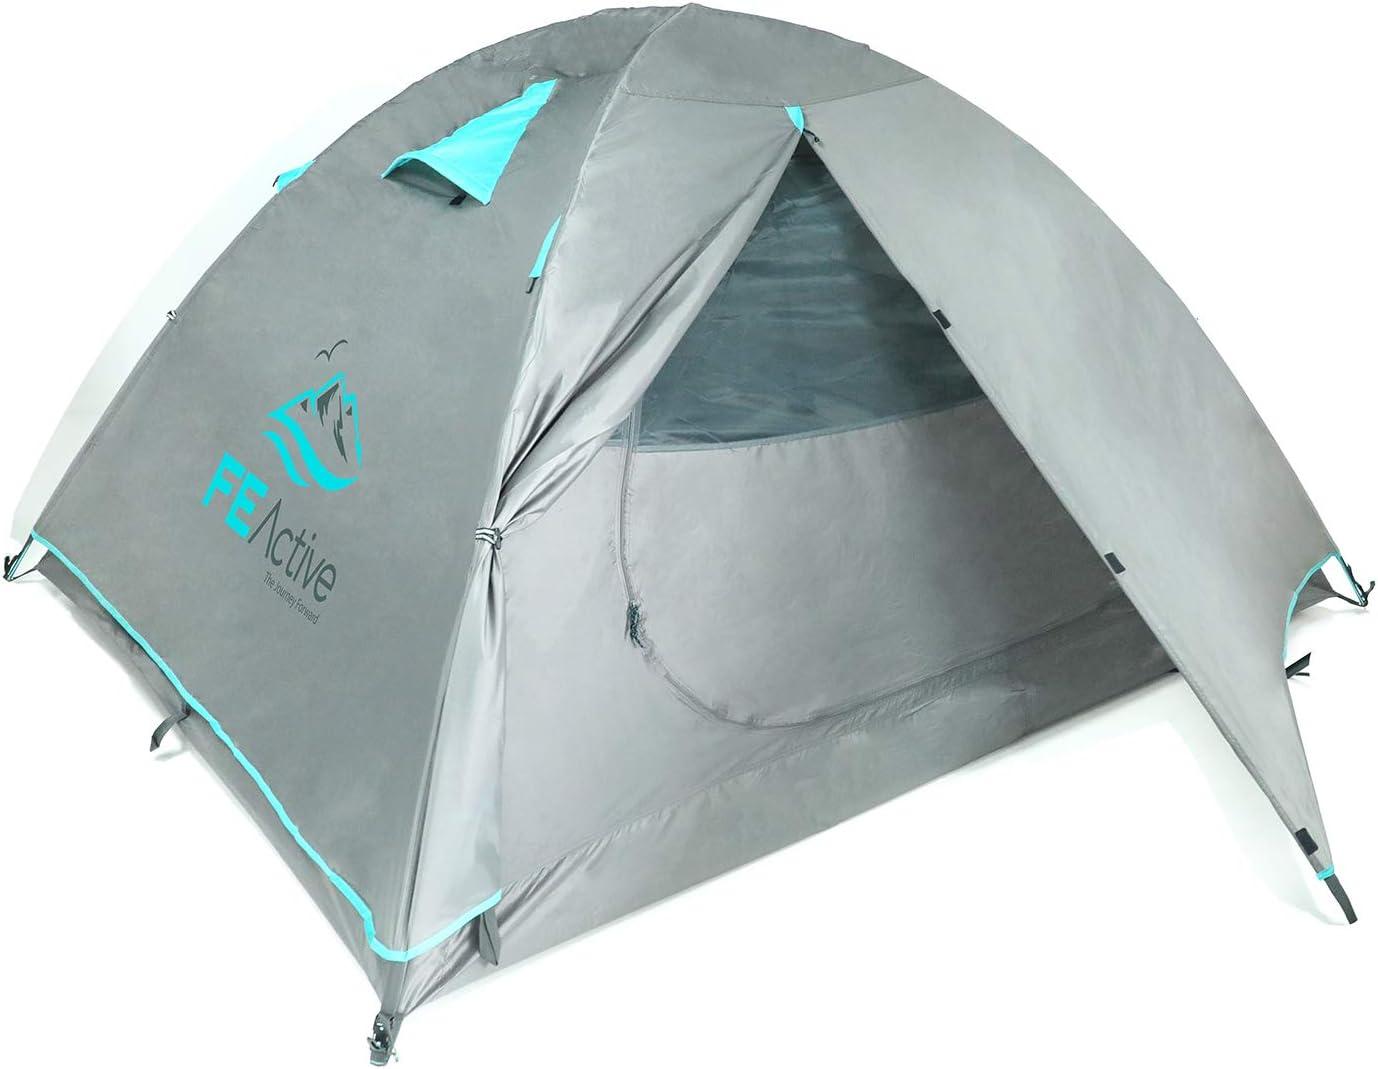 FE Active Camping Tente 4 Personnes USA Tente 4 Saisons 3-4 Places de Haute Qualit/é Imperm/éable Ind/échirable Double-toit Avec Armature Aluminium pour Camping et Randonn/ée Con/çue en Californie